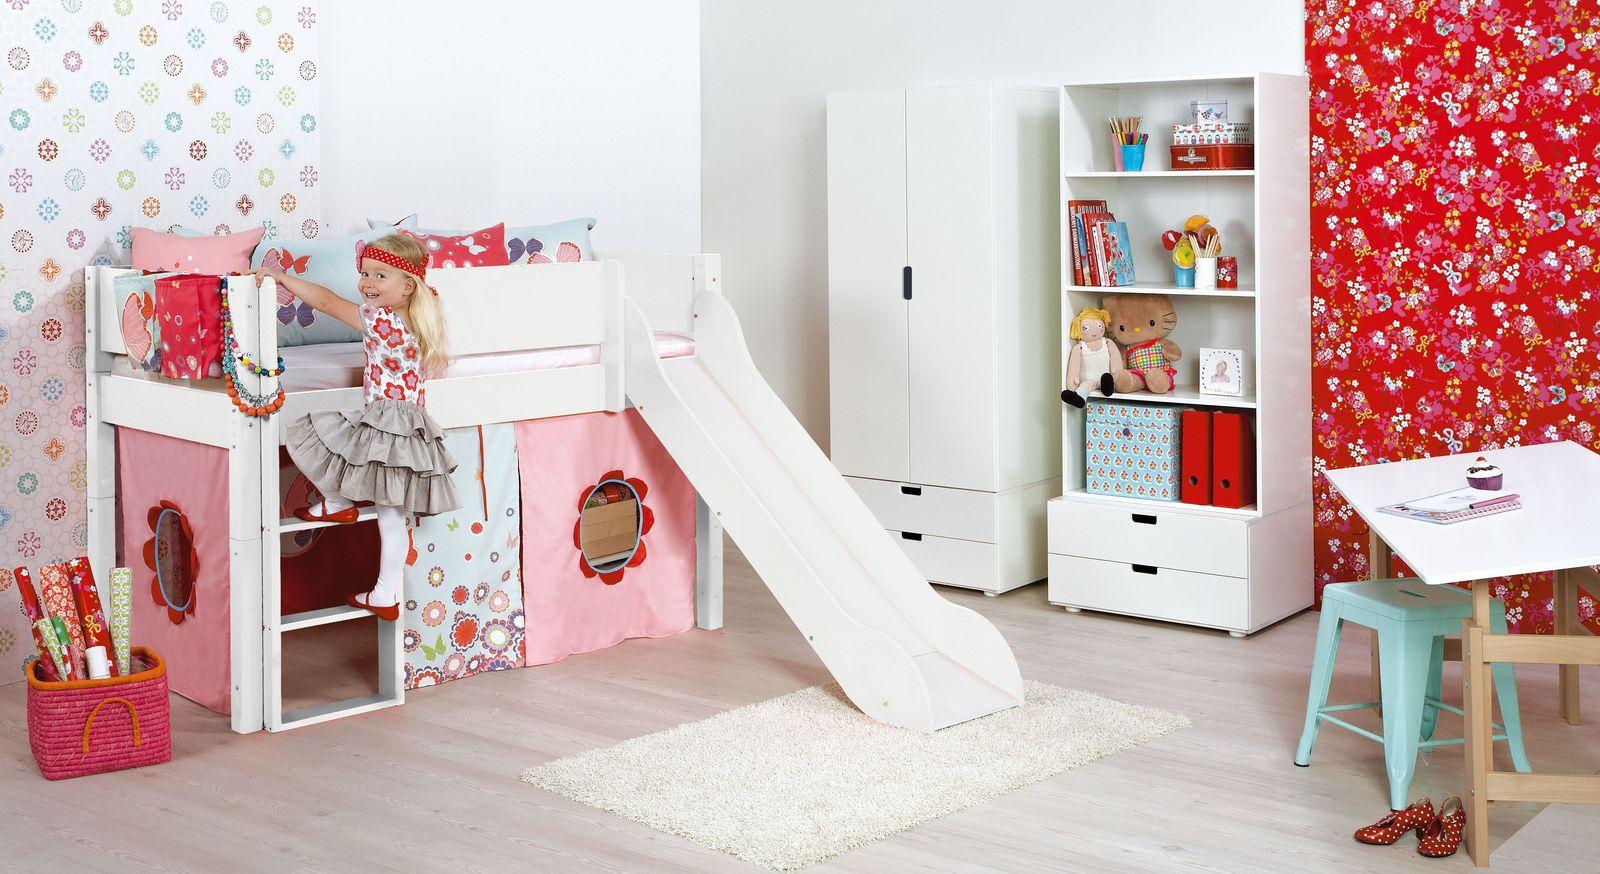 Passende Produkte zum Mini-Rutschen-Hochbett Kids Town